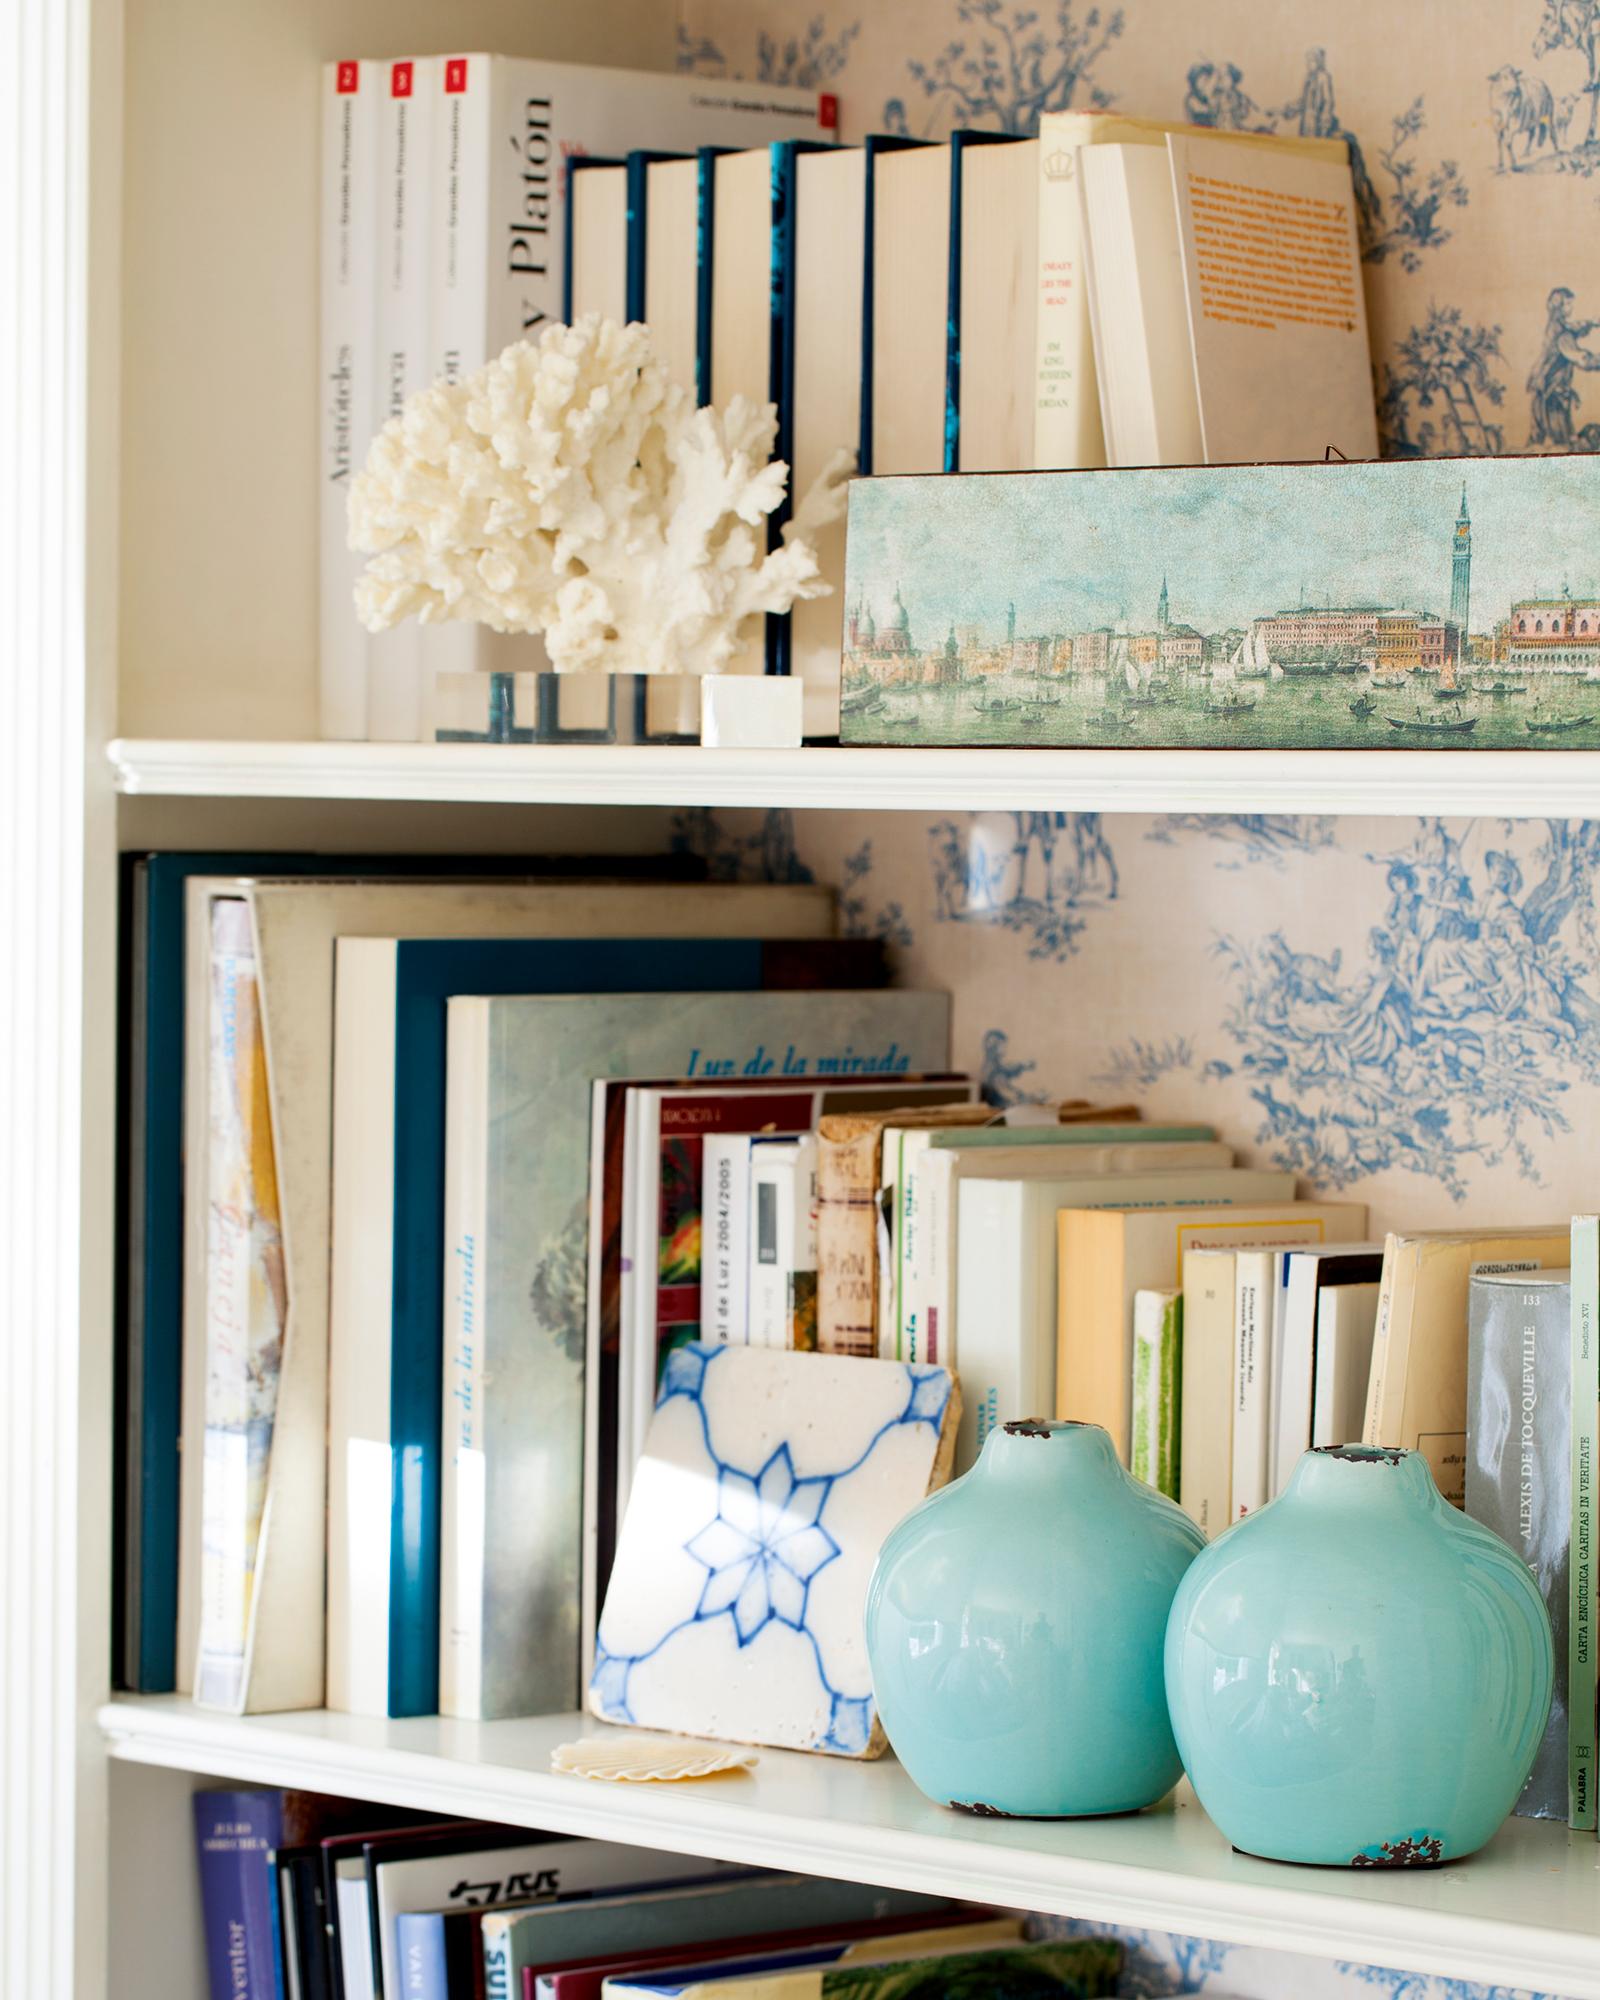 Detalle de librería con dos jarrones pequeños turquesa_ 00425468b